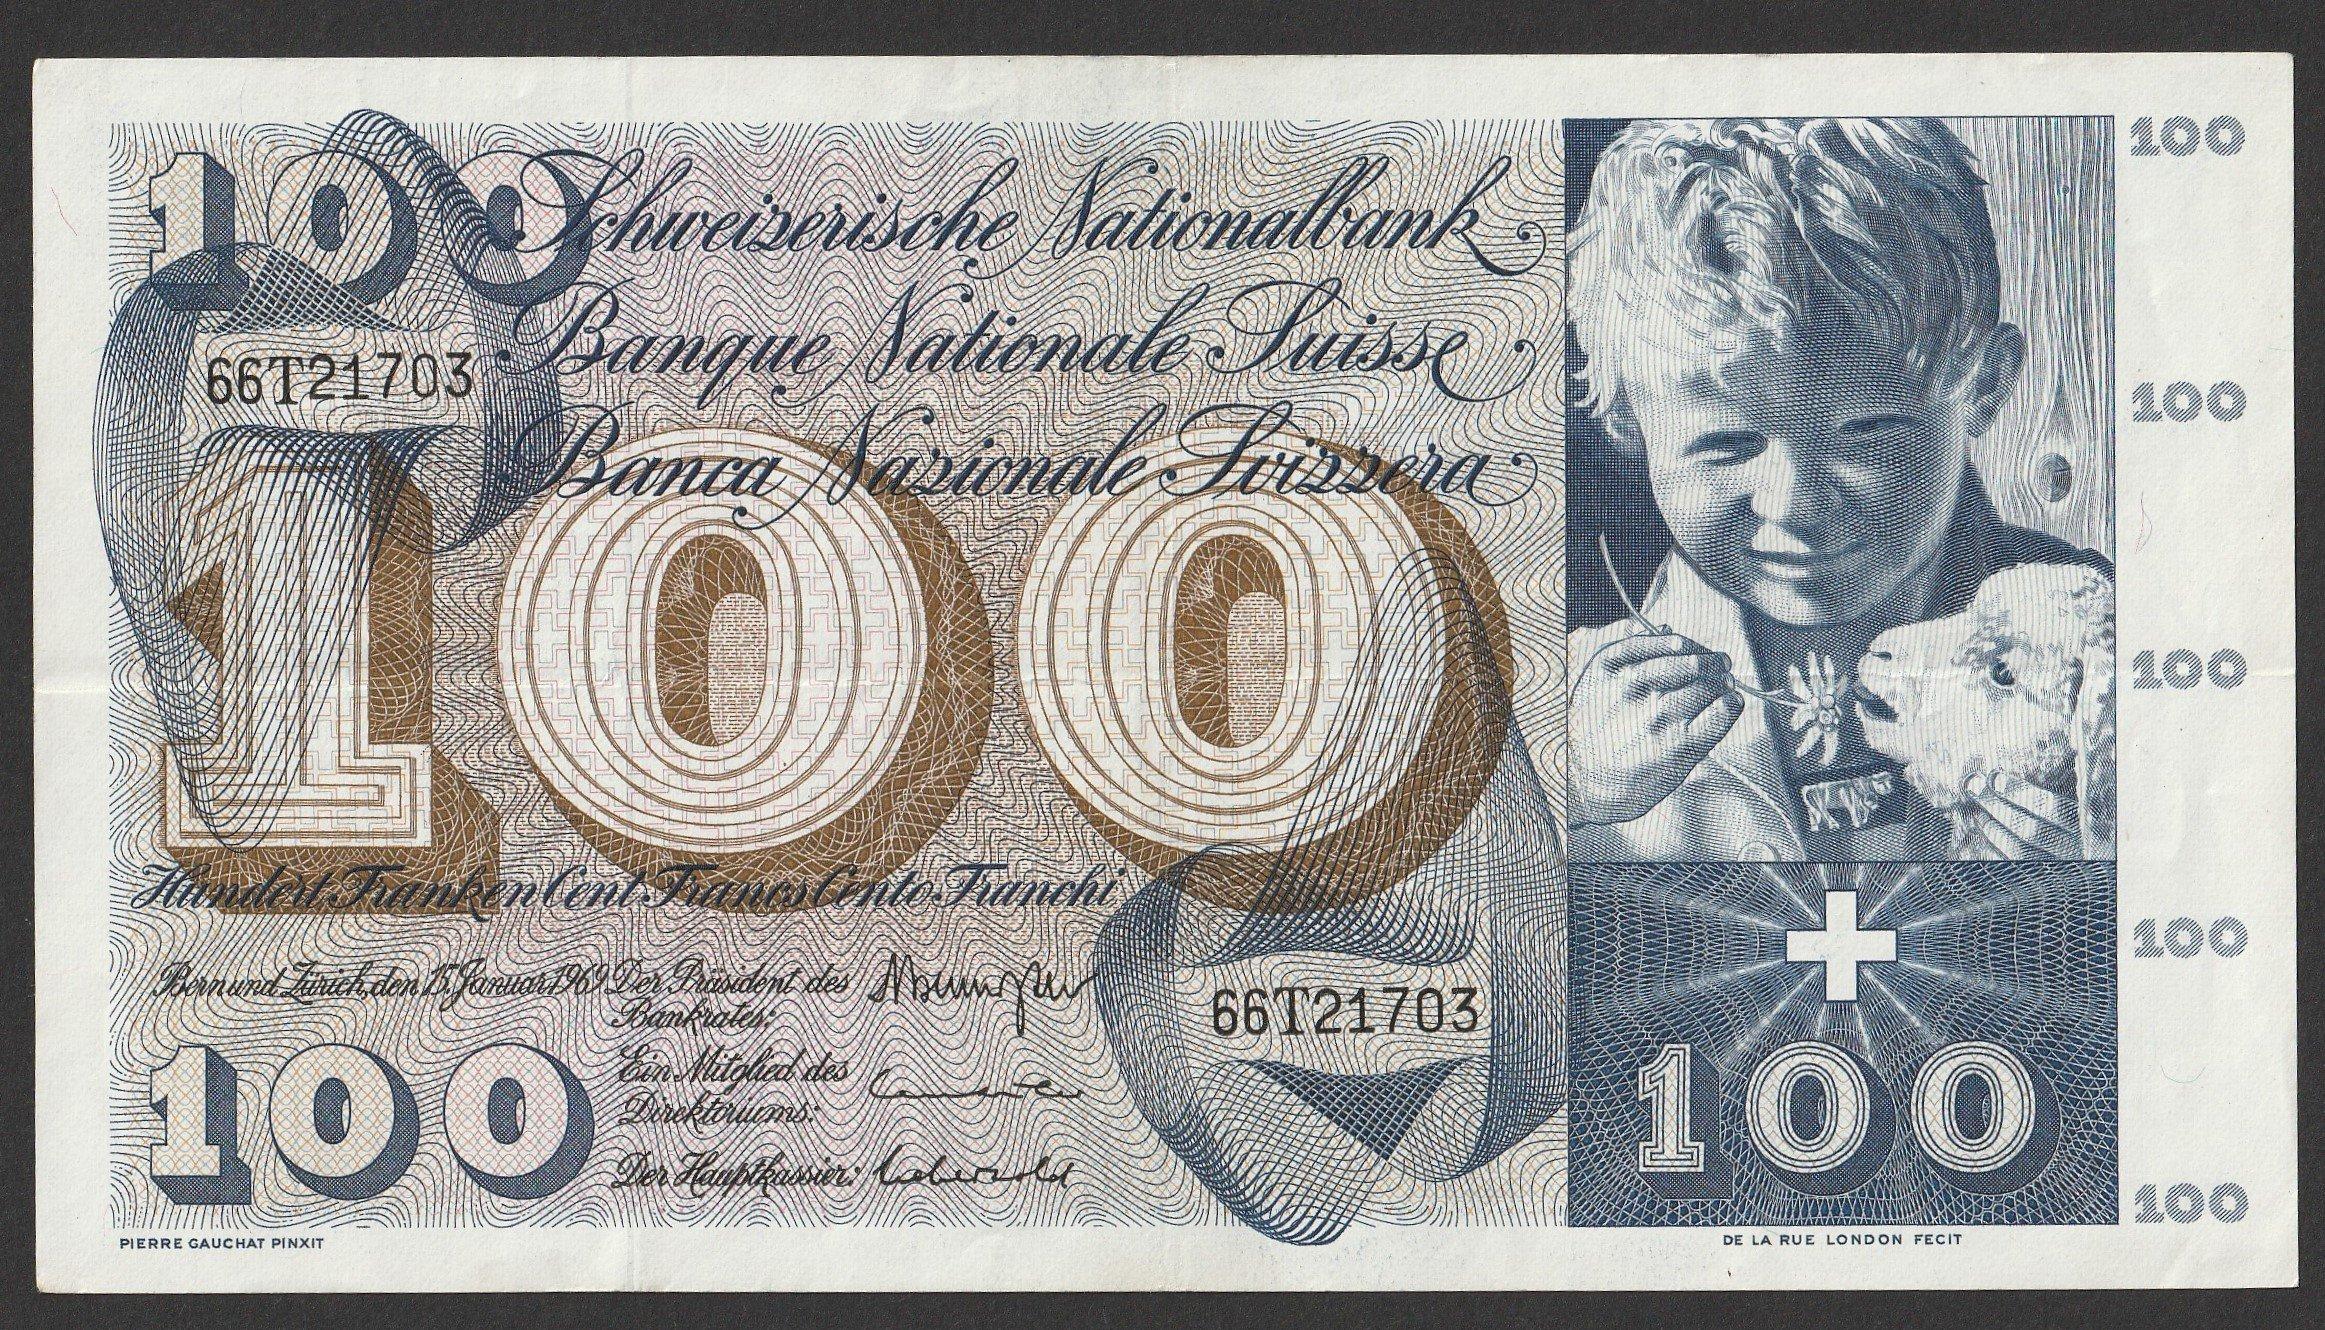 Szwajcaria - 100 franków - 1969 - seria 66T